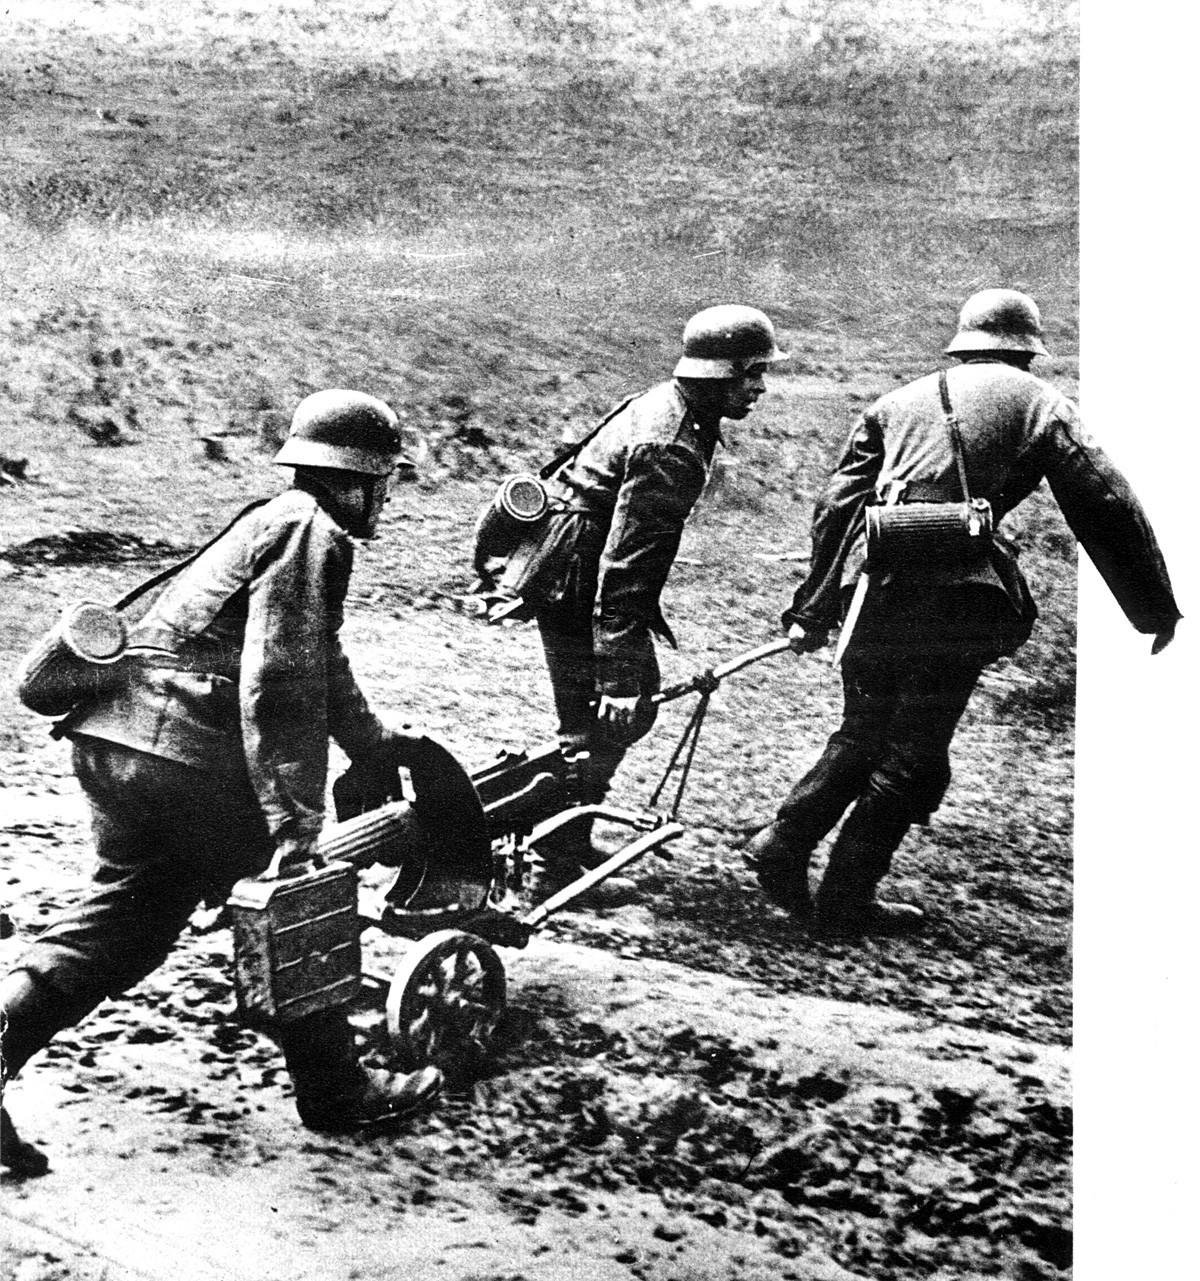 Rusos sirviendo en el Ejército Alemán, Frente Oriental, 1941-1945.